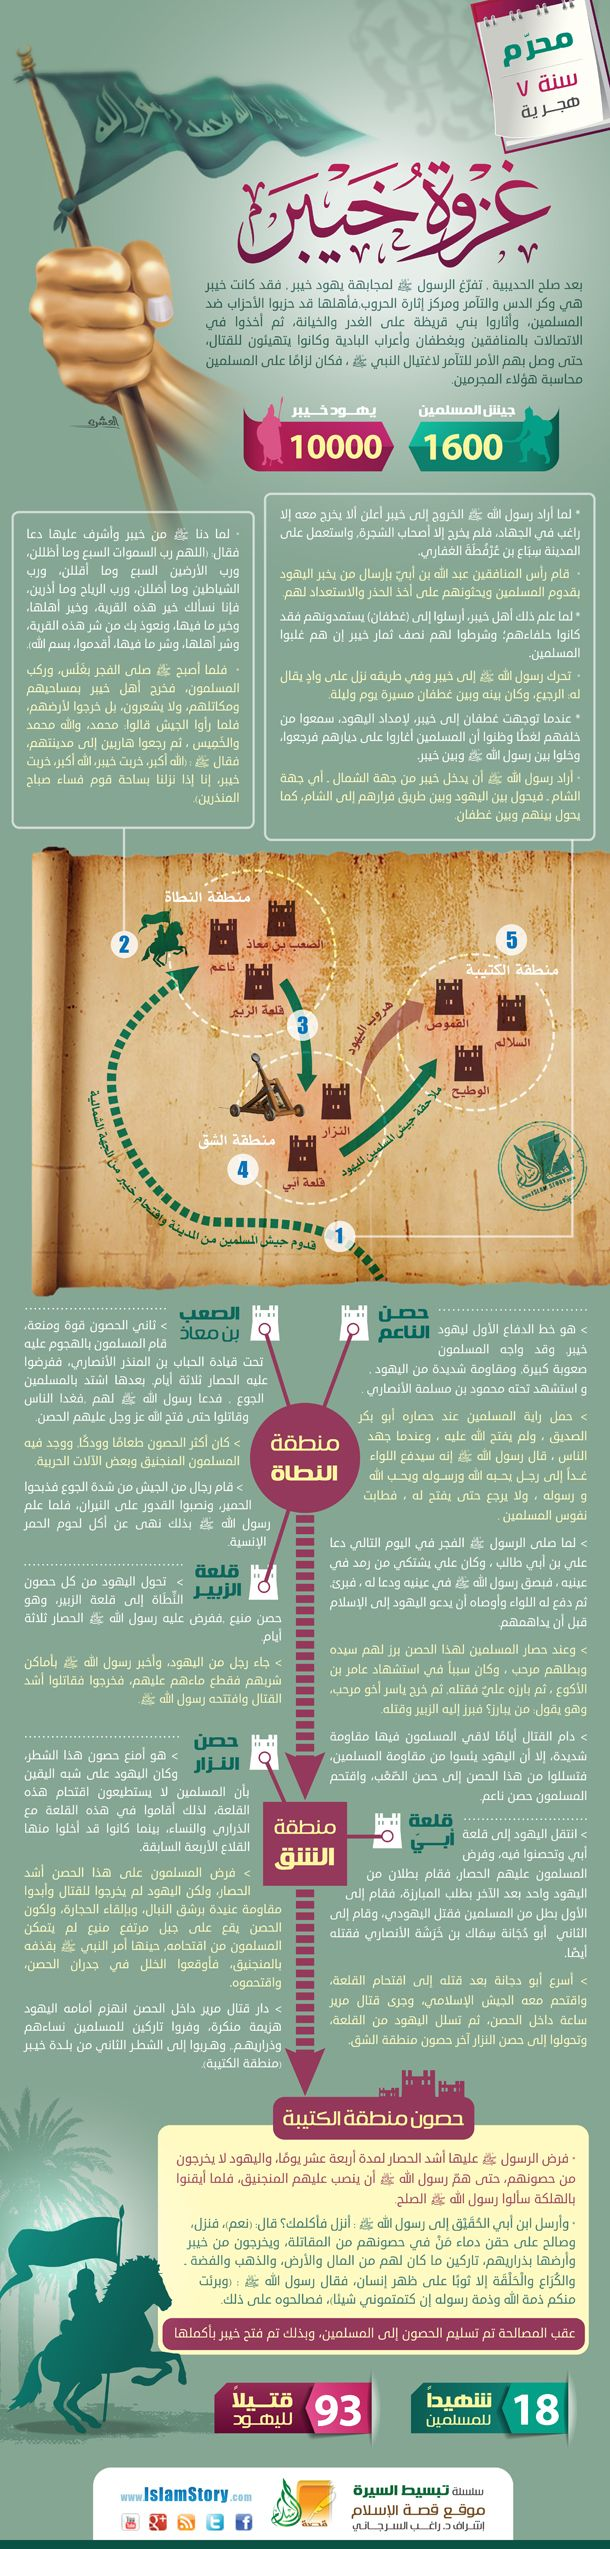 #إنفوجرافيك غزوة خيبر | من إنتاج موقع قصة #الإسلام | #صورة #انفوجرافيك #التاريخ #الإسلامي #تاريخ #الاسلام #Islamic #history